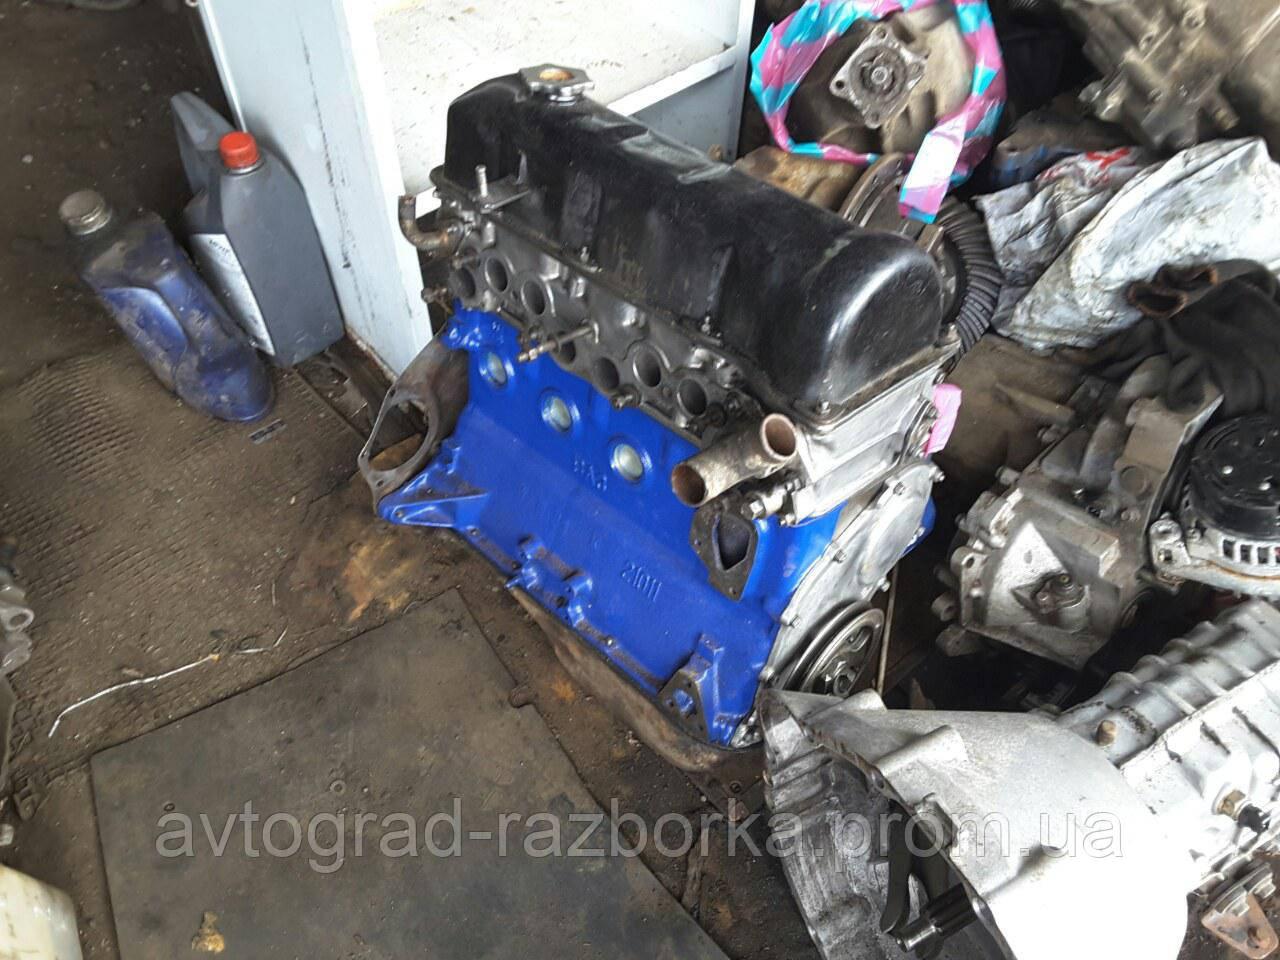 Двигатель ваз 21011 своими руками